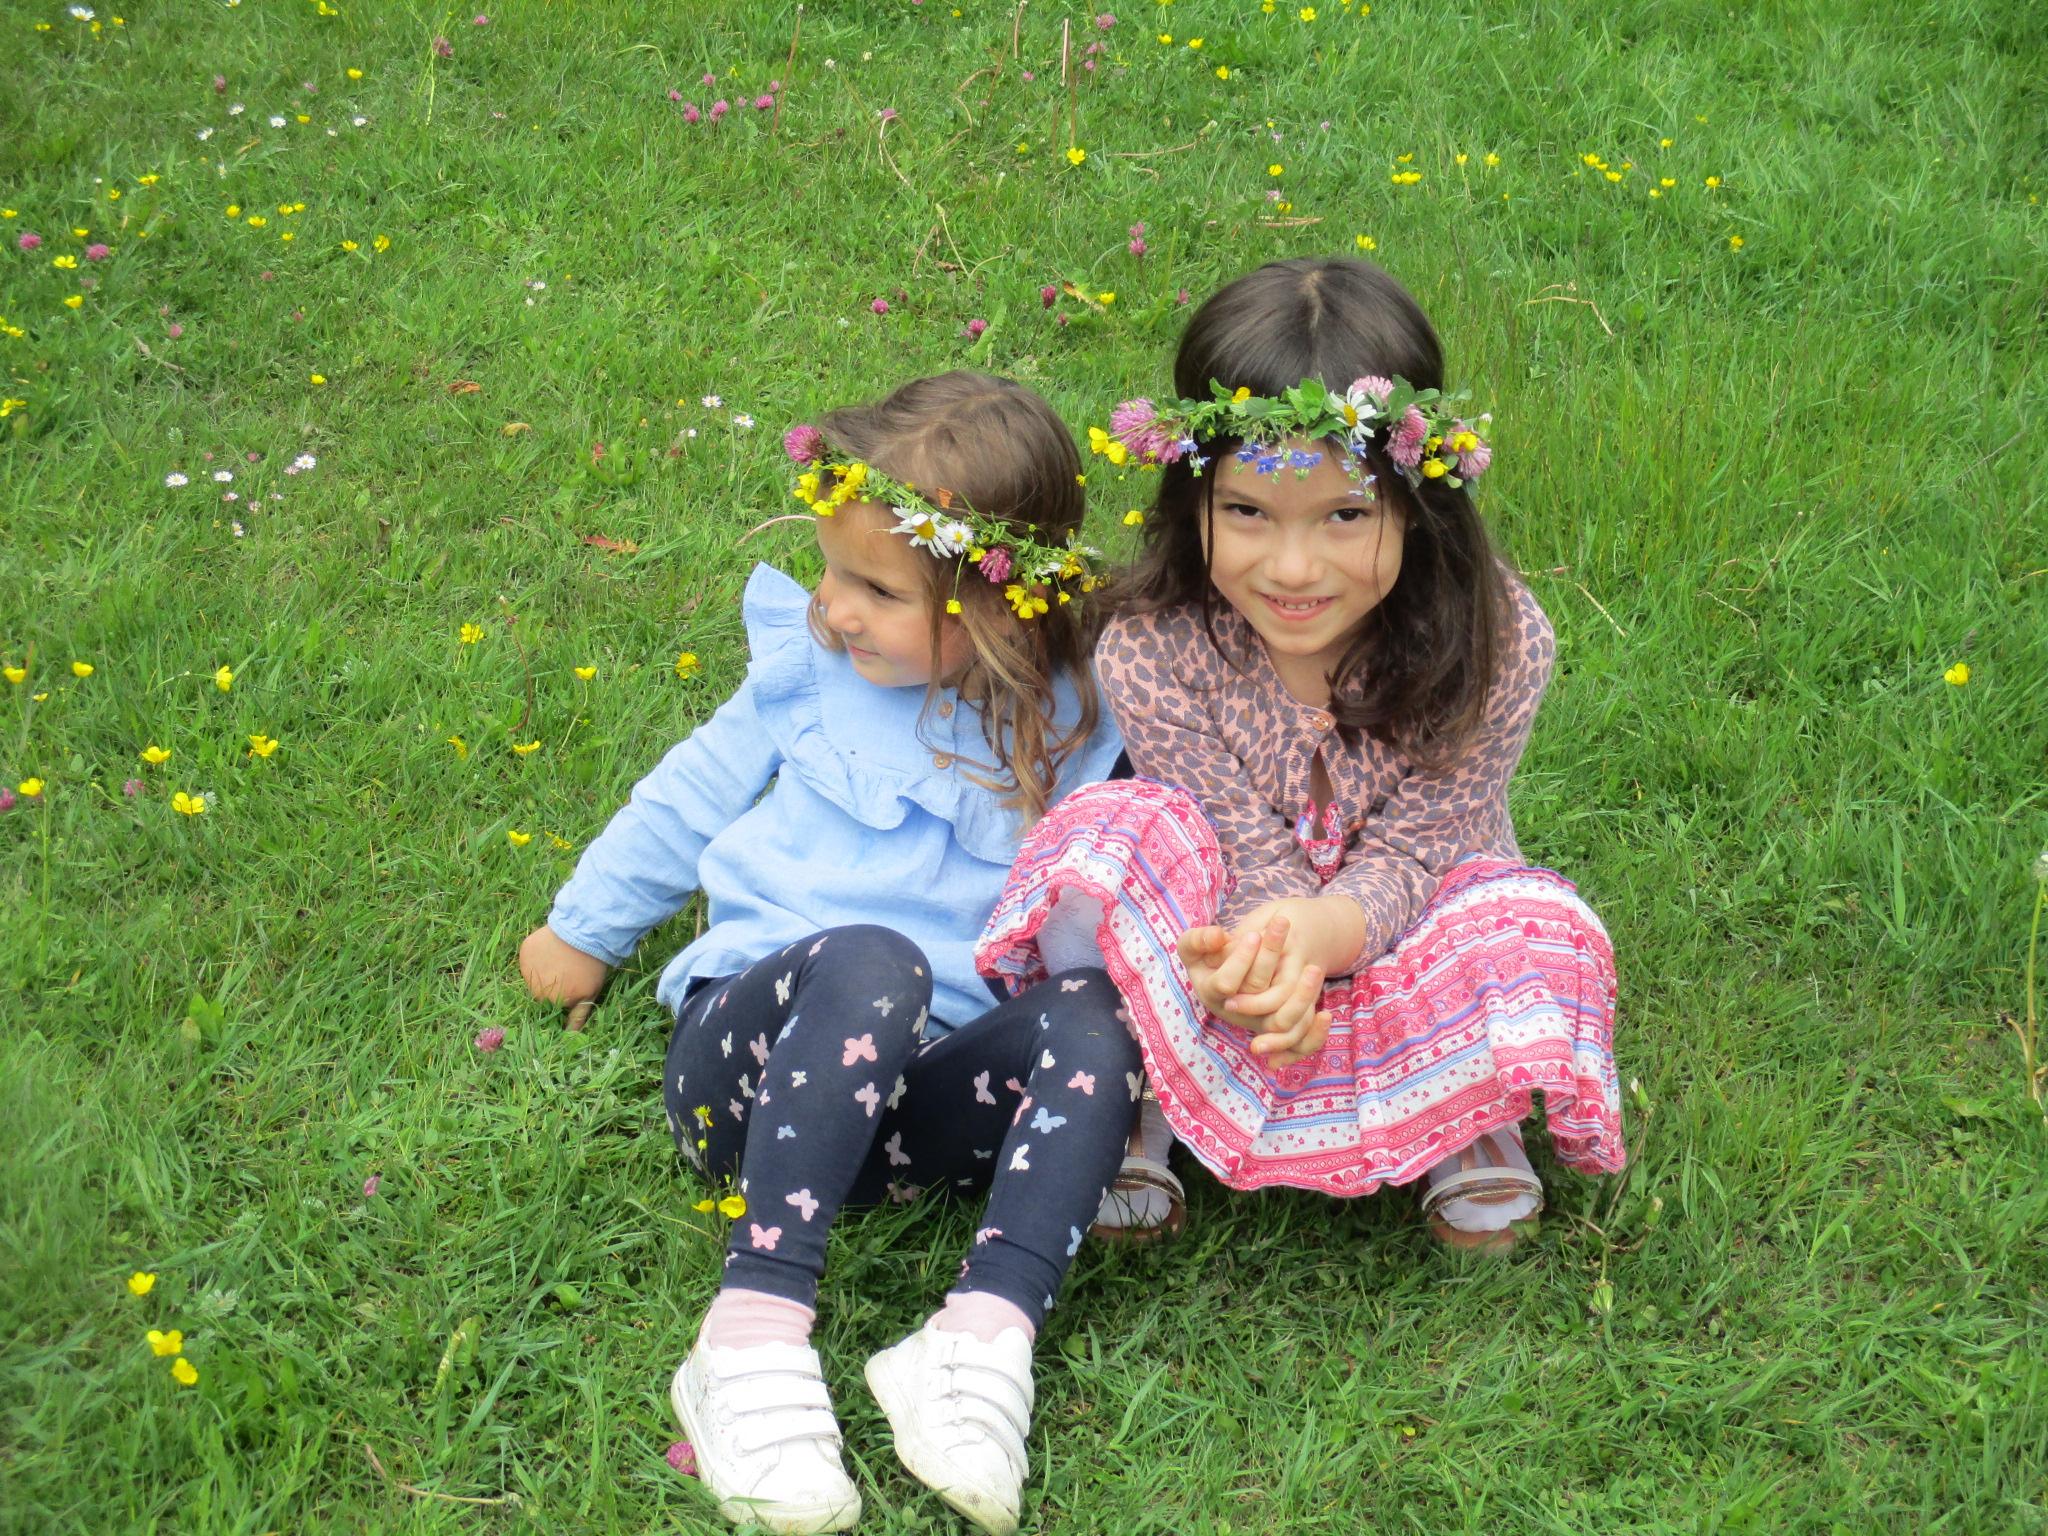 Unsere Blumenkinder haben viel Spaß im weitläufigen Garten